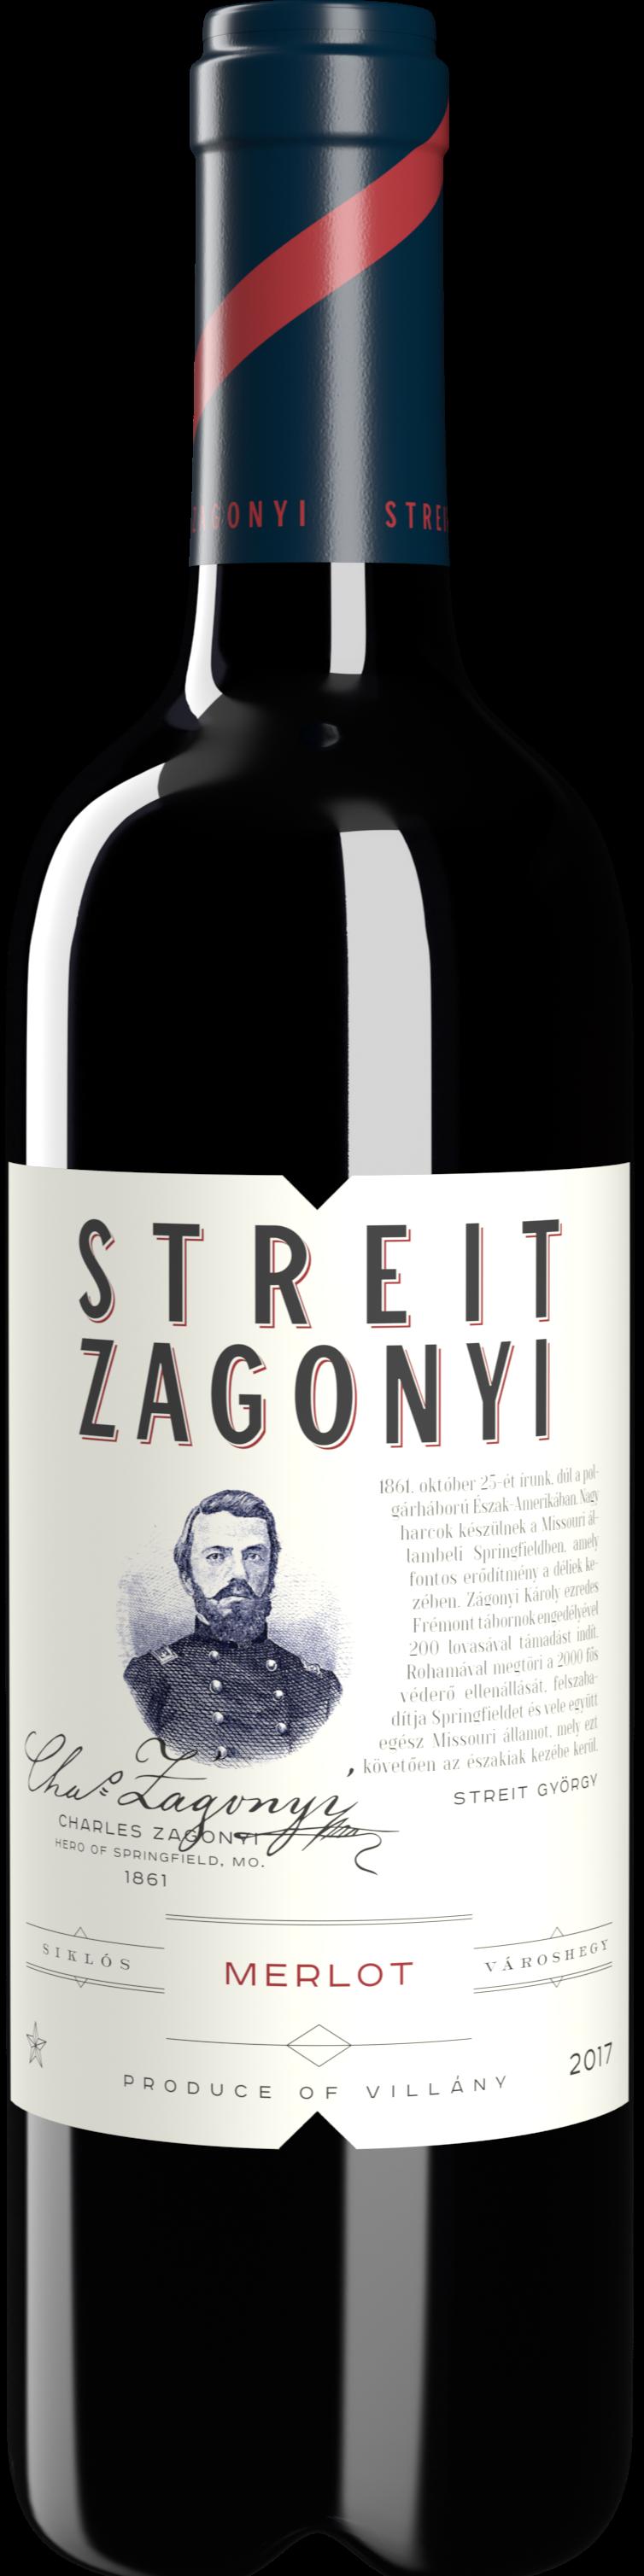 Merlot -  Streit-Zagonyi Borászat